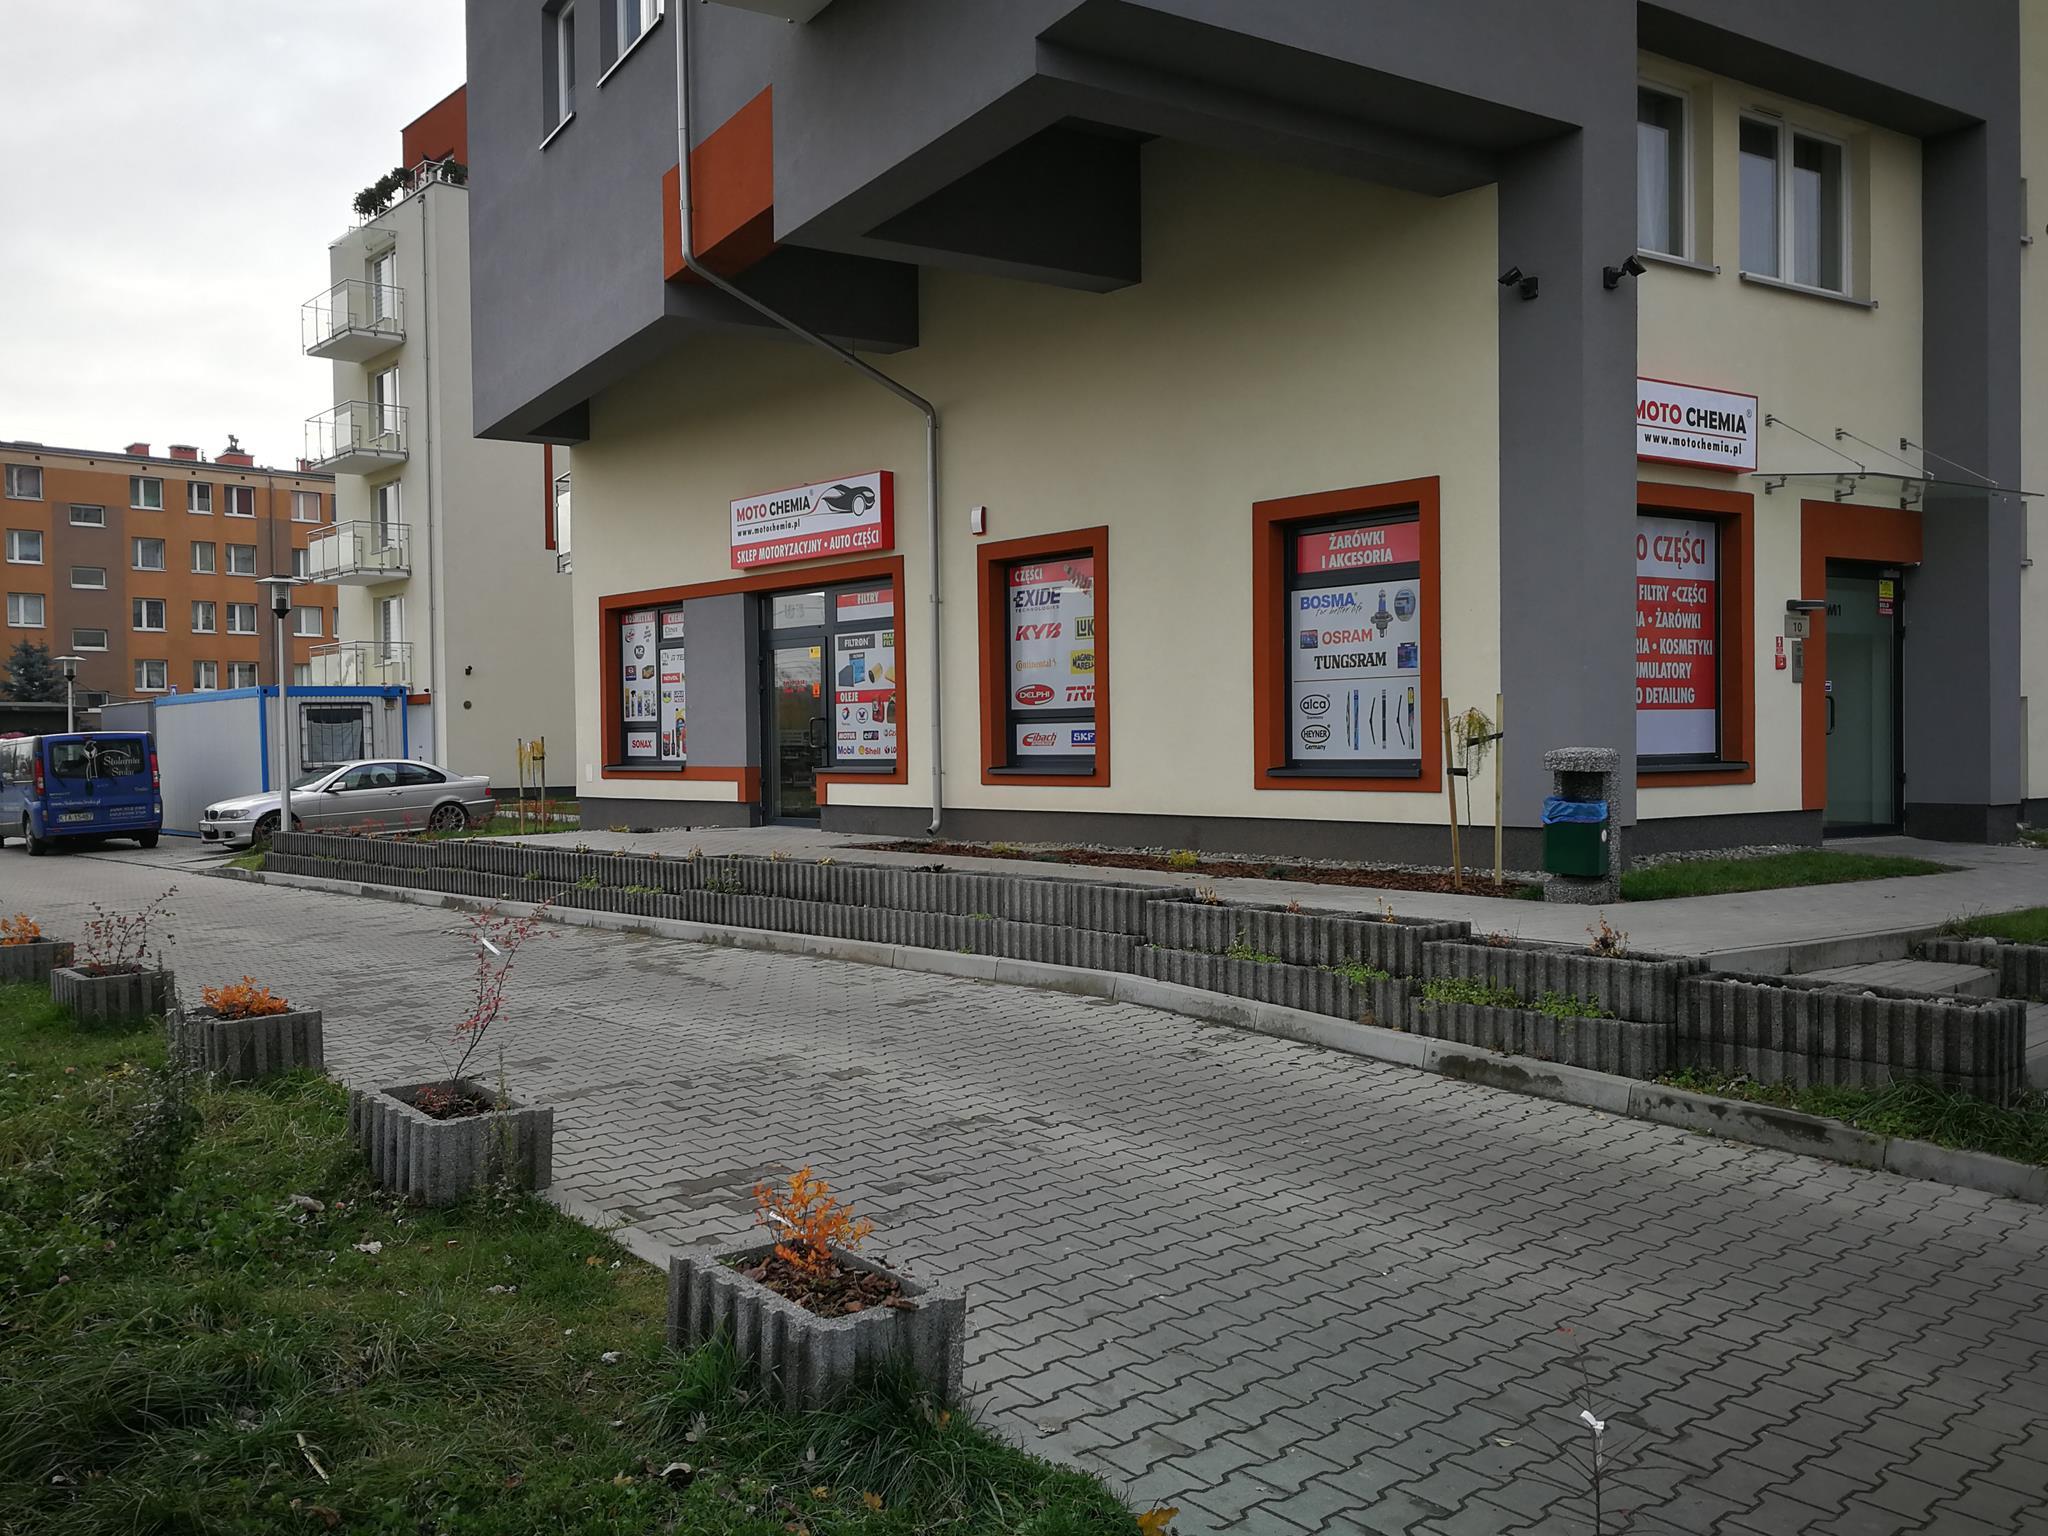 Motochemia ul. W.Danka 10/U3 Kraków